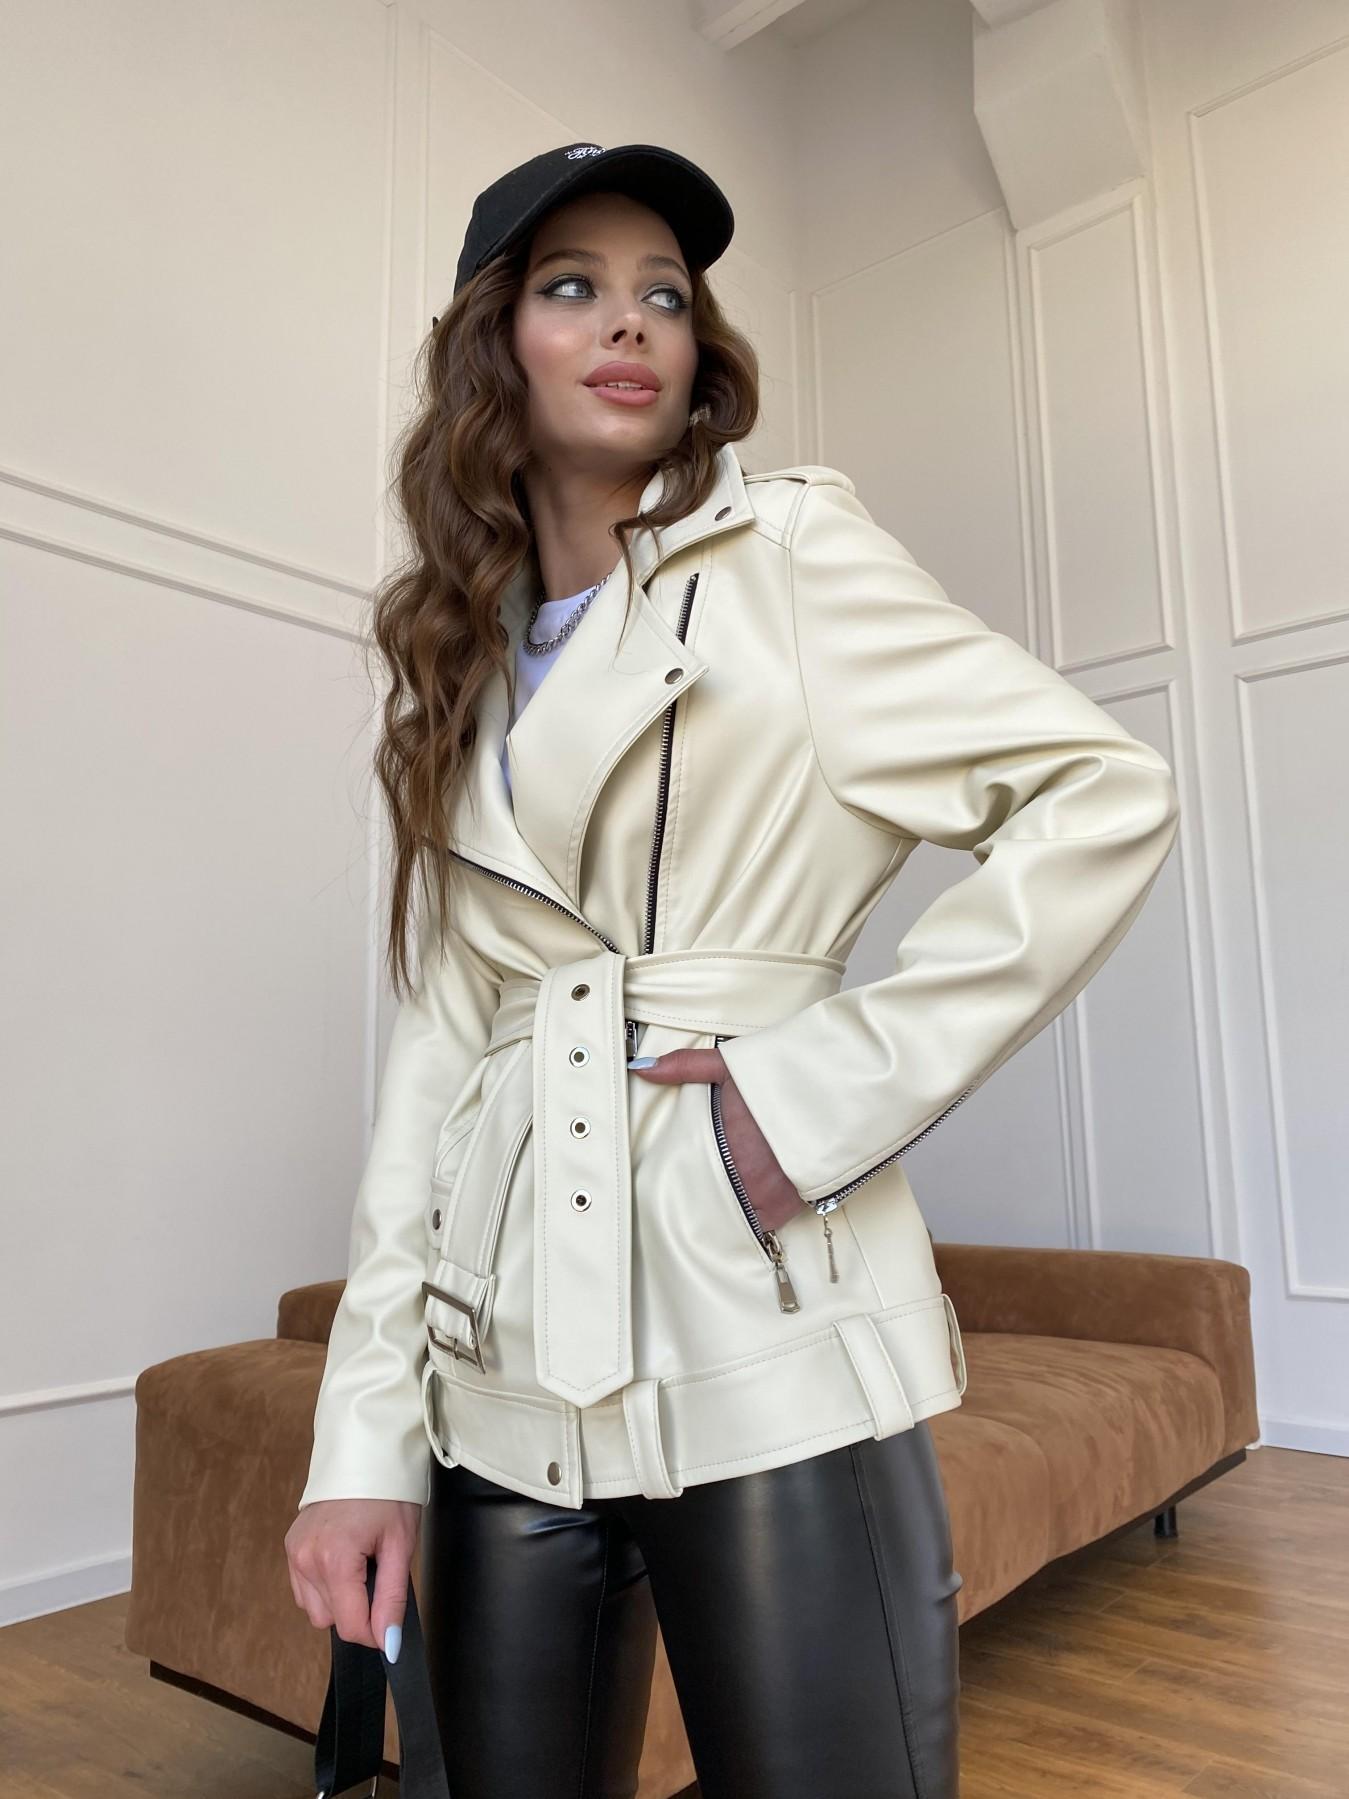 Босс куртка из экокожи прокатанной  11173 АРТ. 47771 Цвет: Бежевый Светлый - фото 10, интернет магазин tm-modus.ru